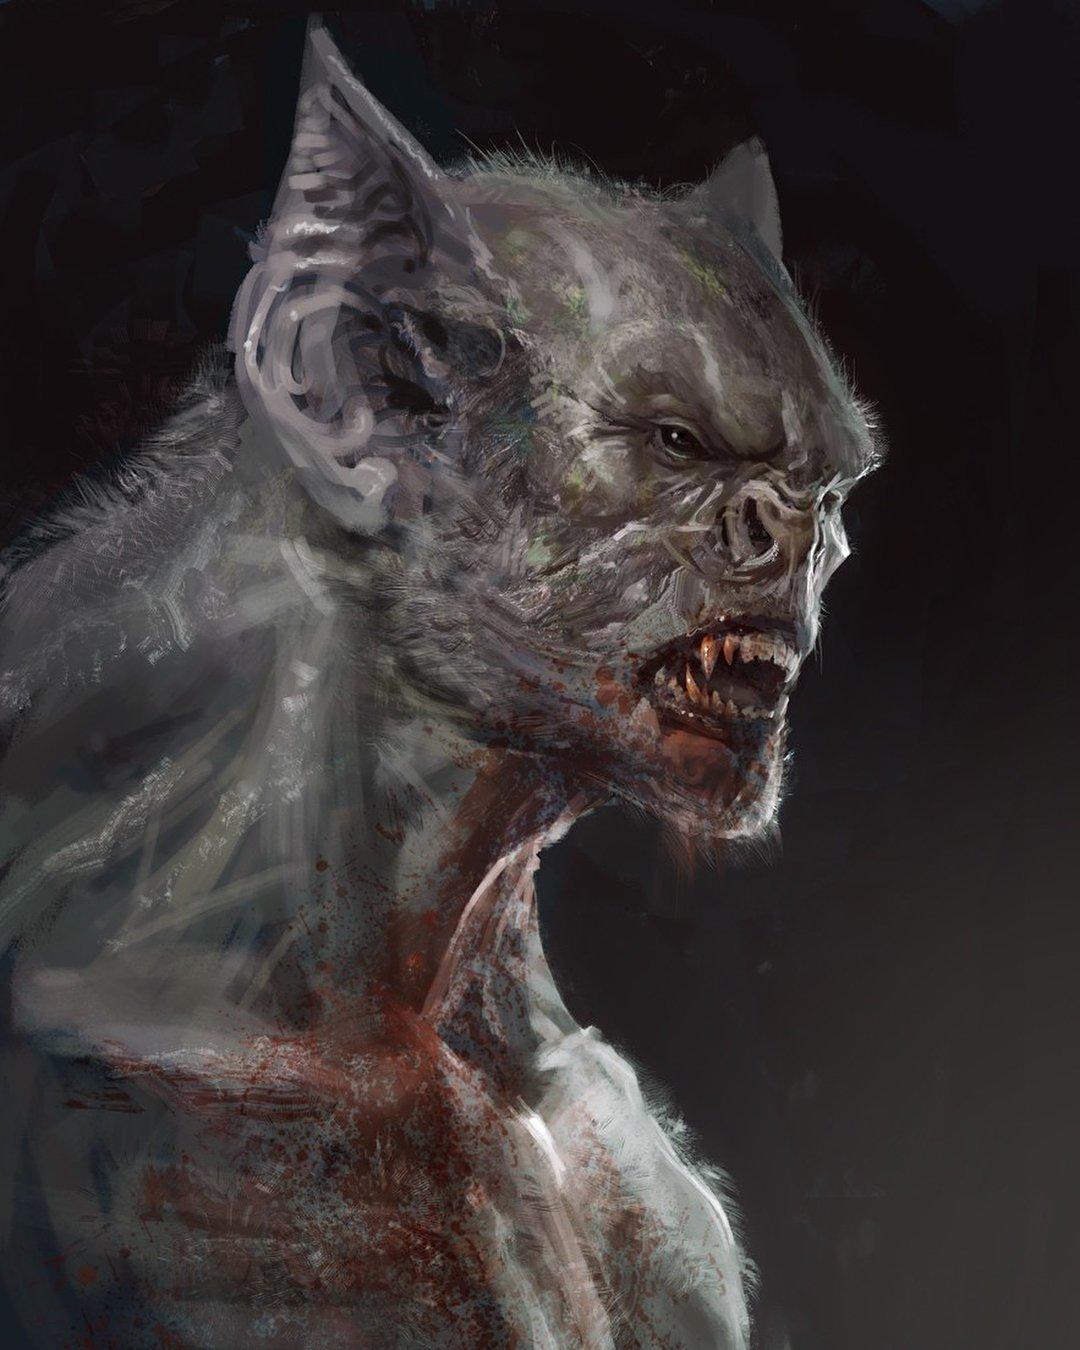 Картинки страшных монстров